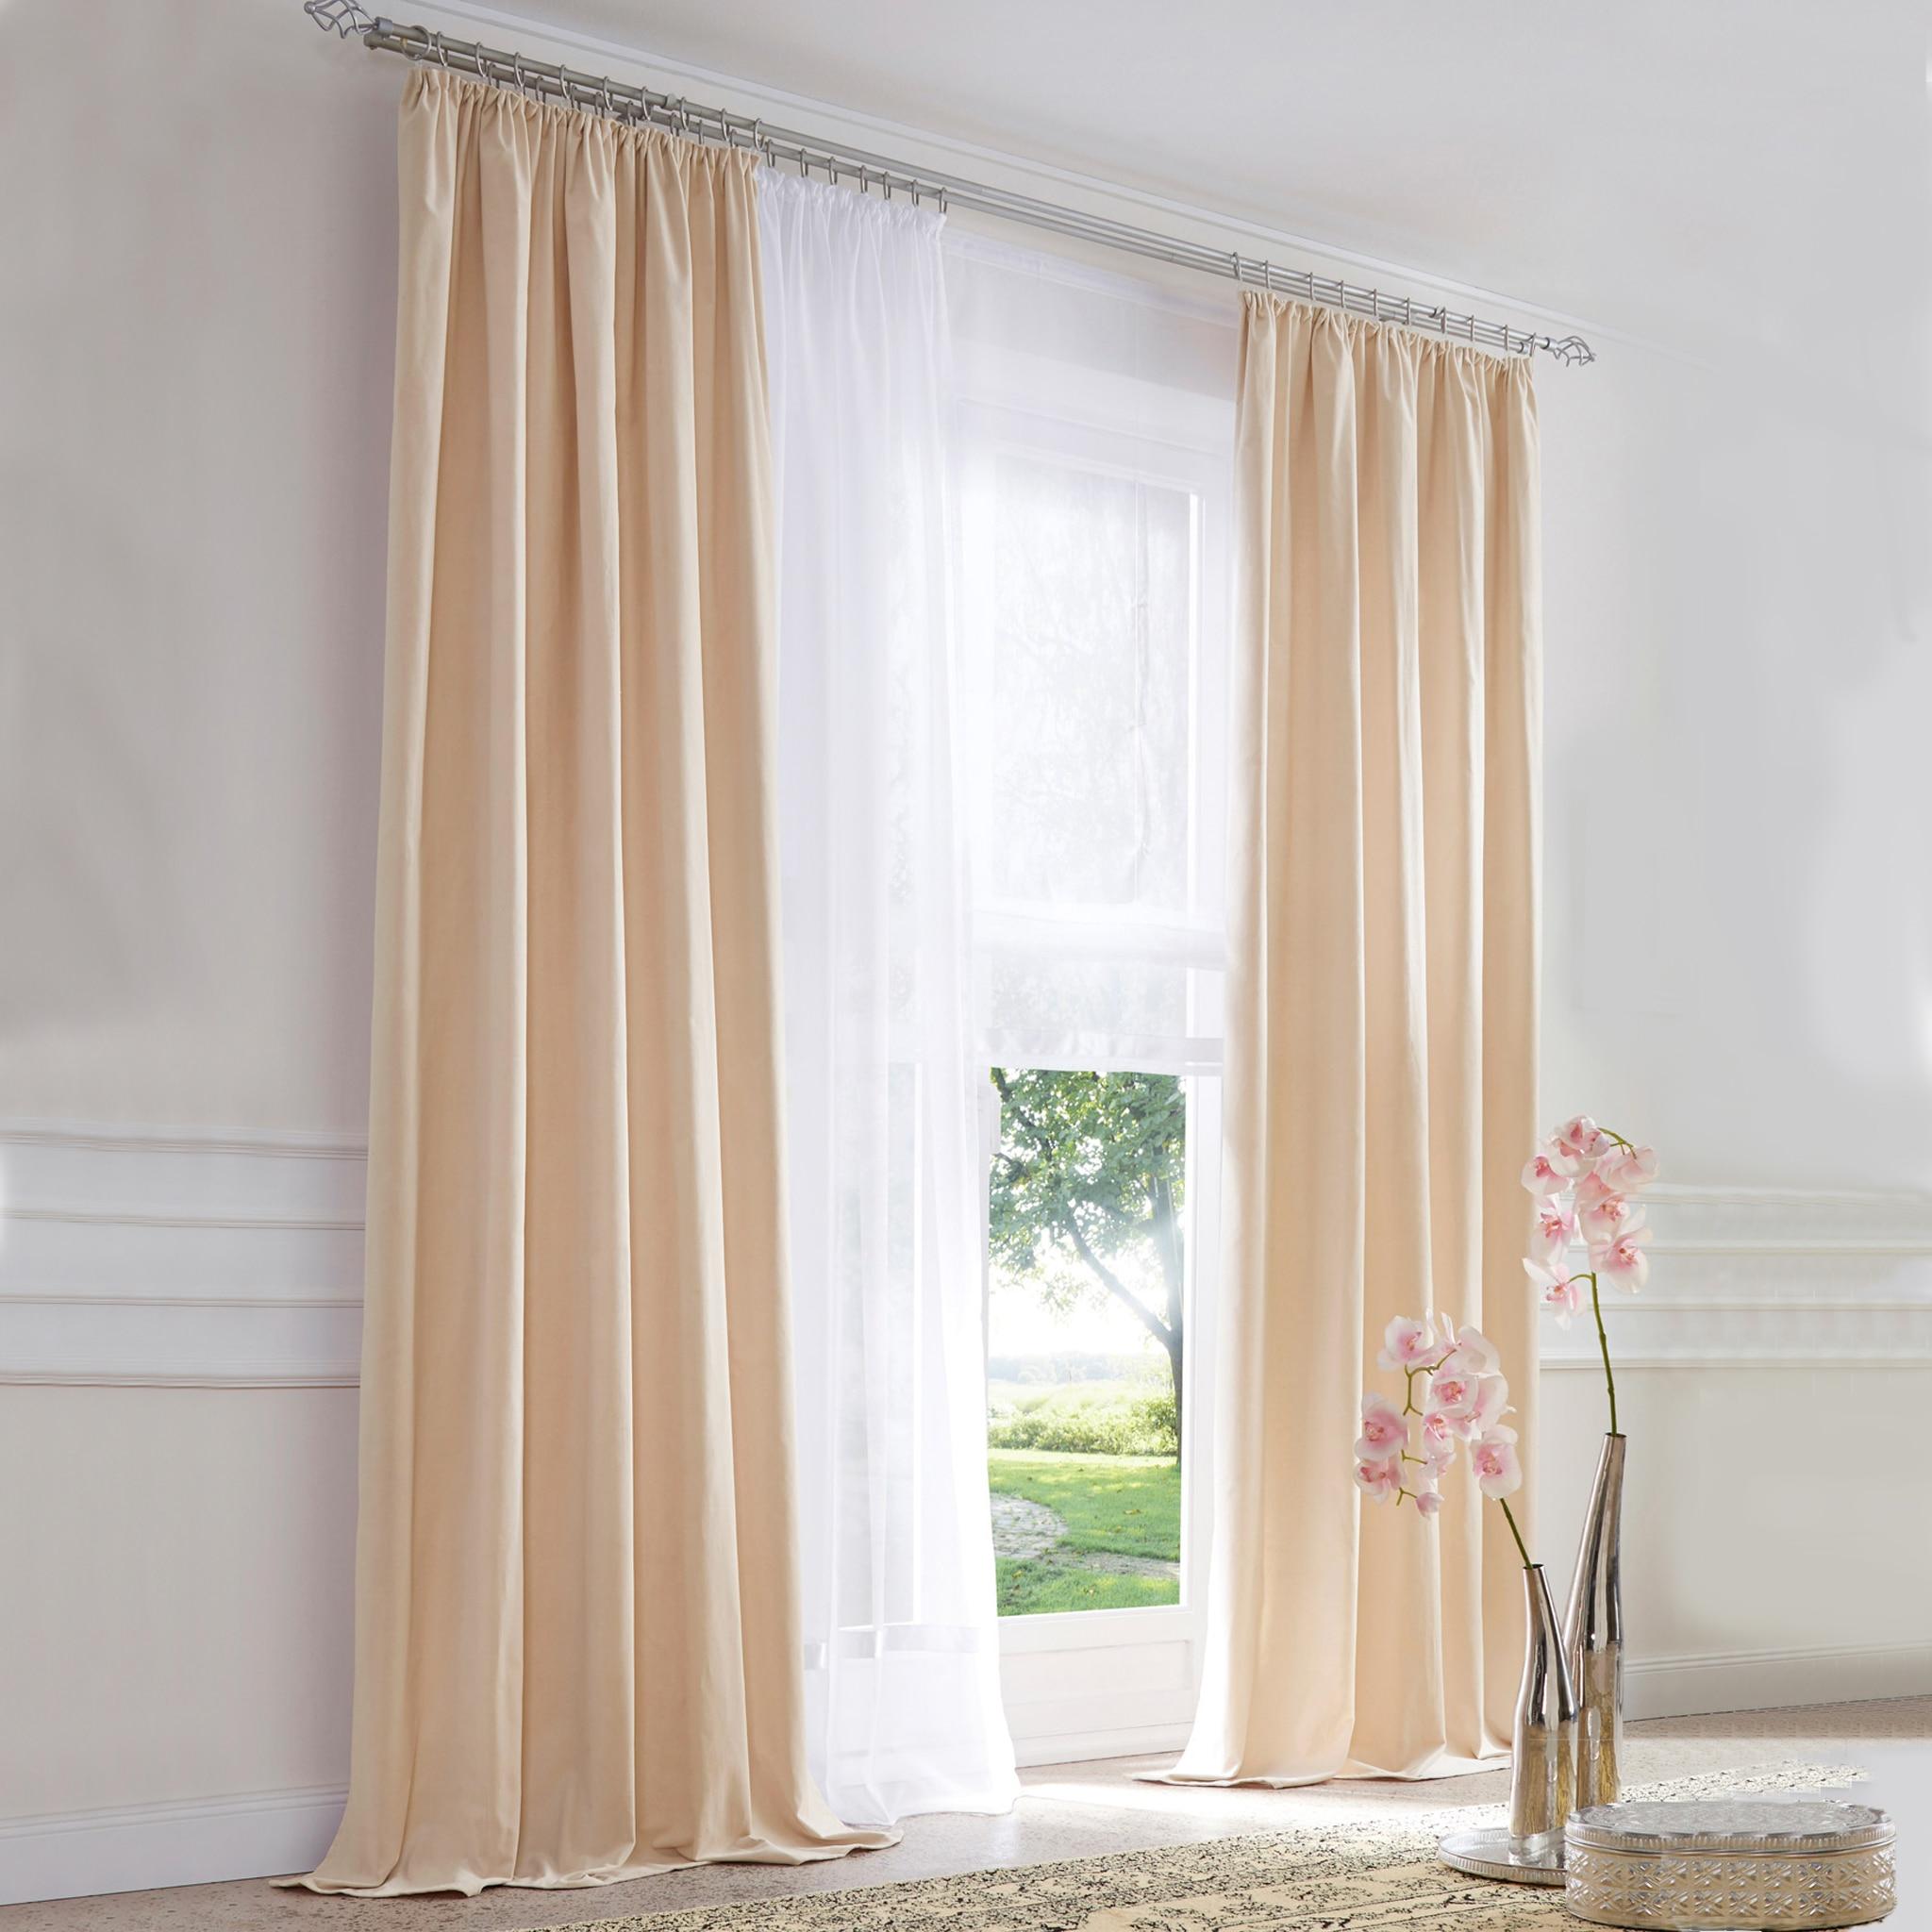 Vorhang Schallabsorbierend eleganz fenster vorhang blackout jalousien panel polyester gewebt